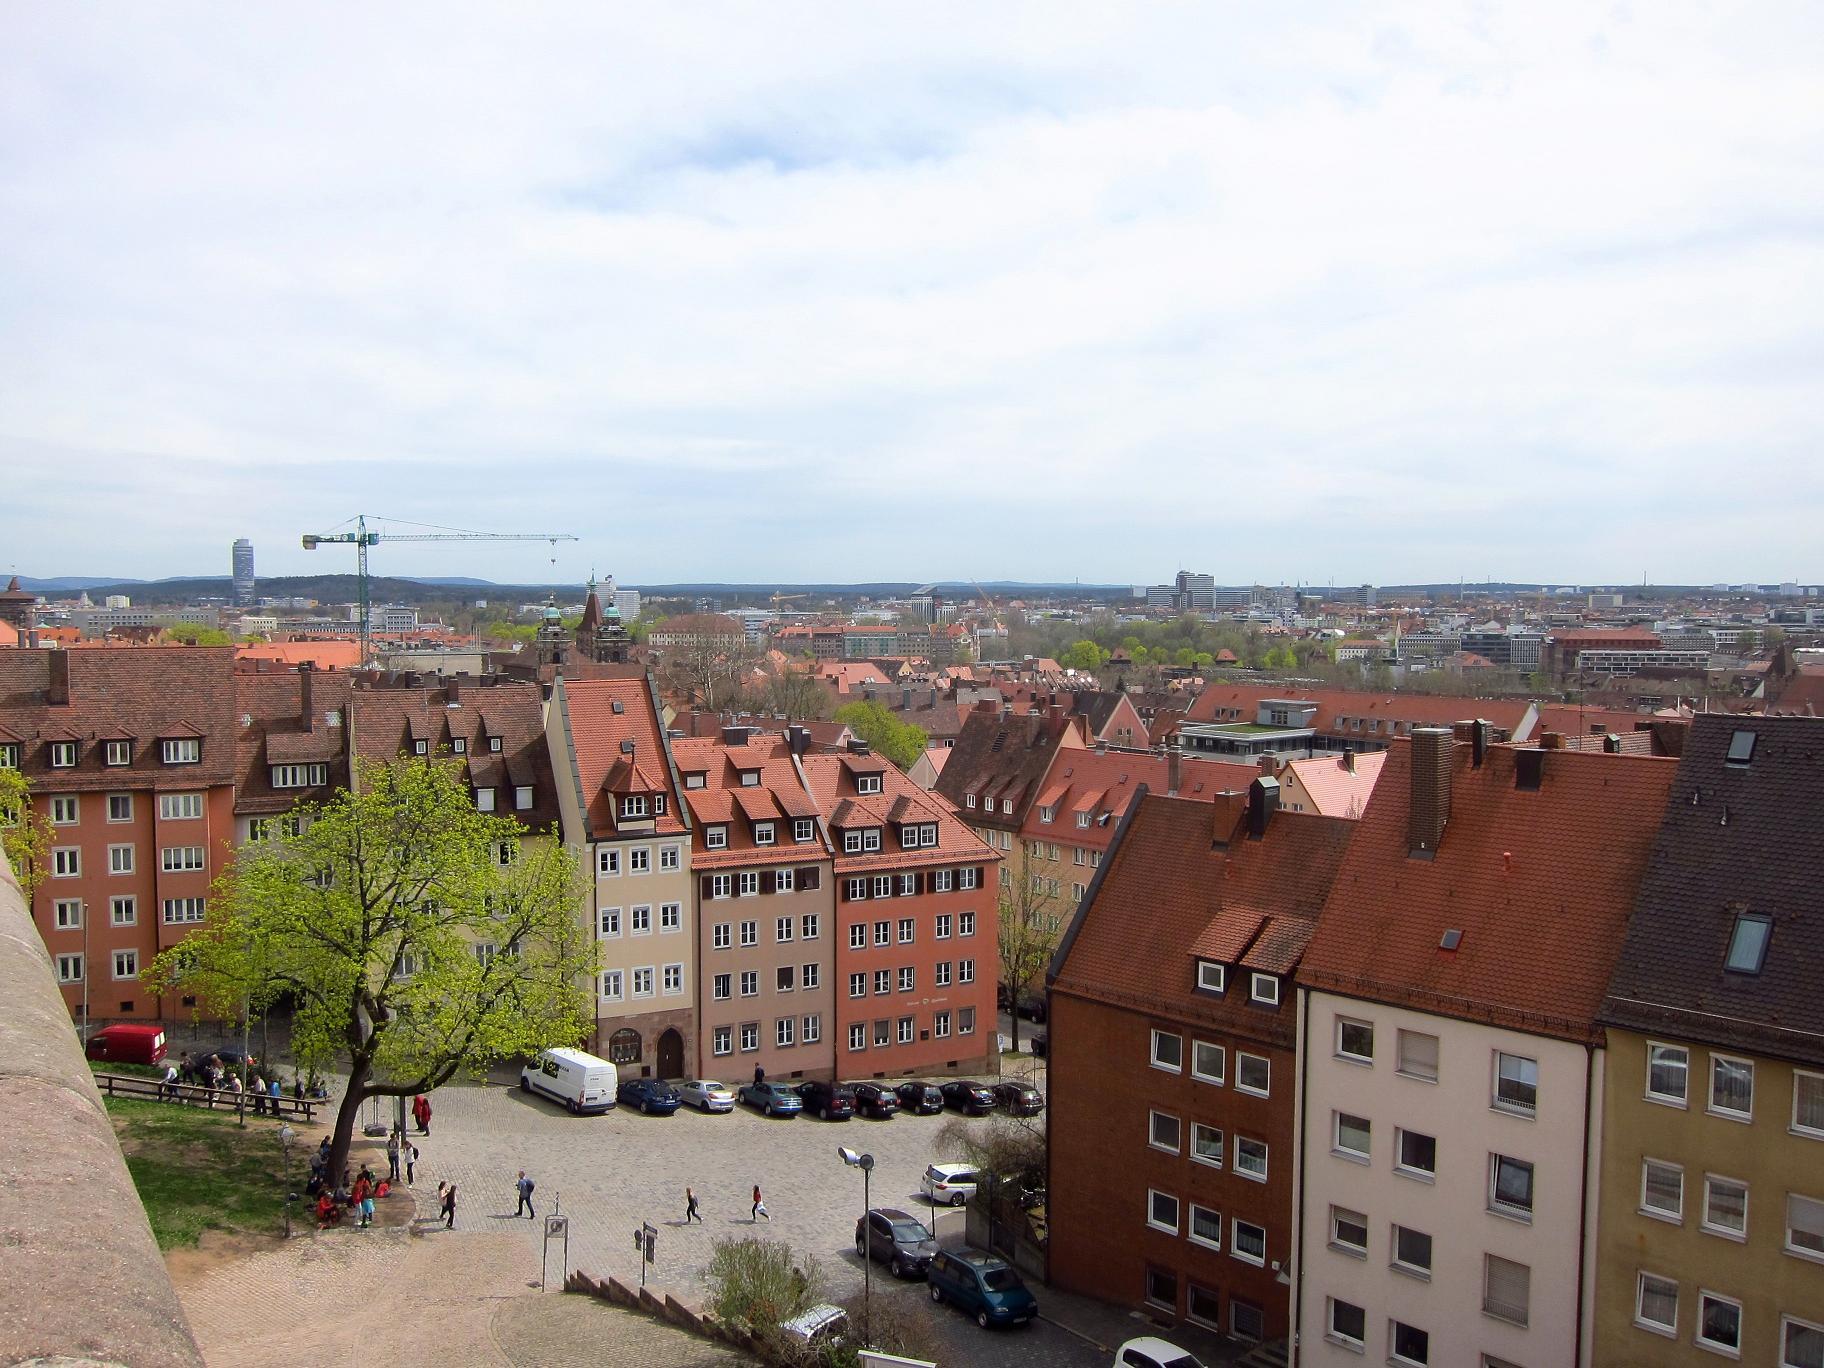 Вигляд на старе місто з фортечних мурів.